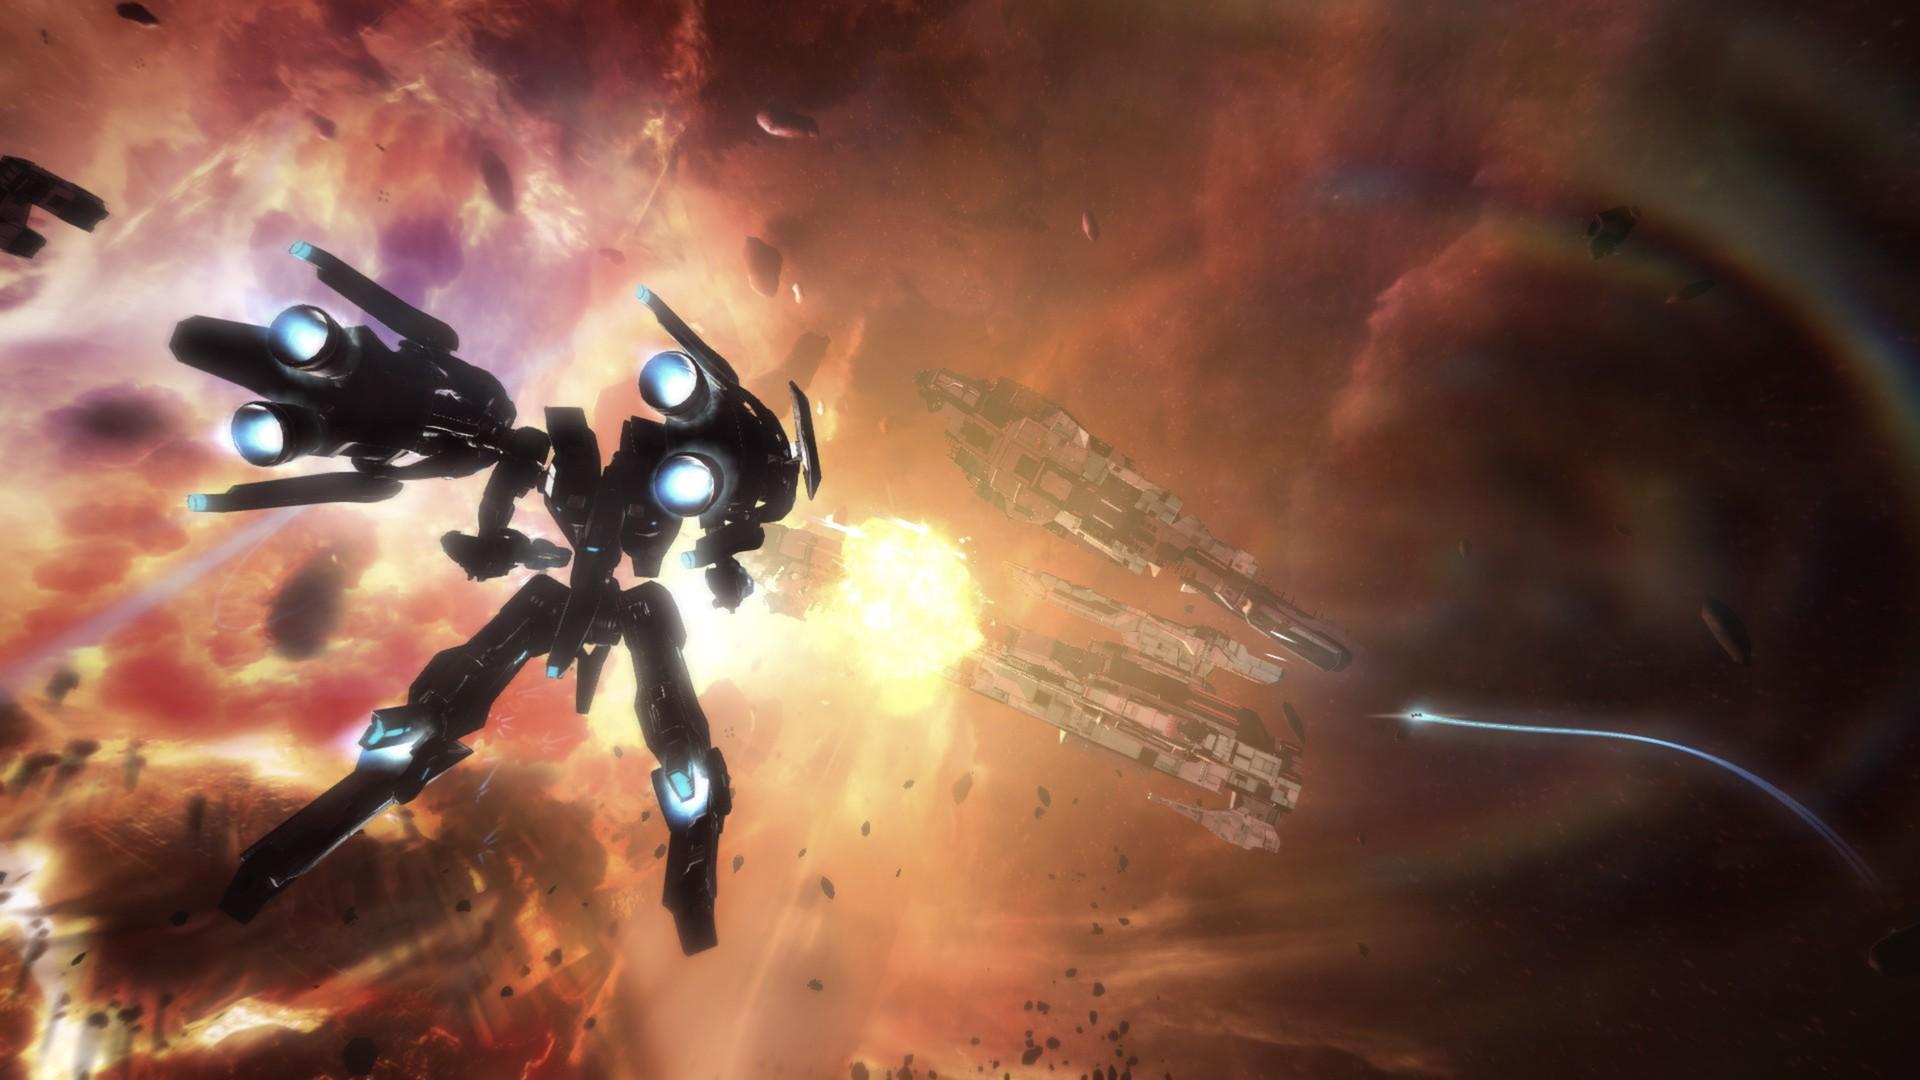 Strike Suit Zero Headed to Next Gen